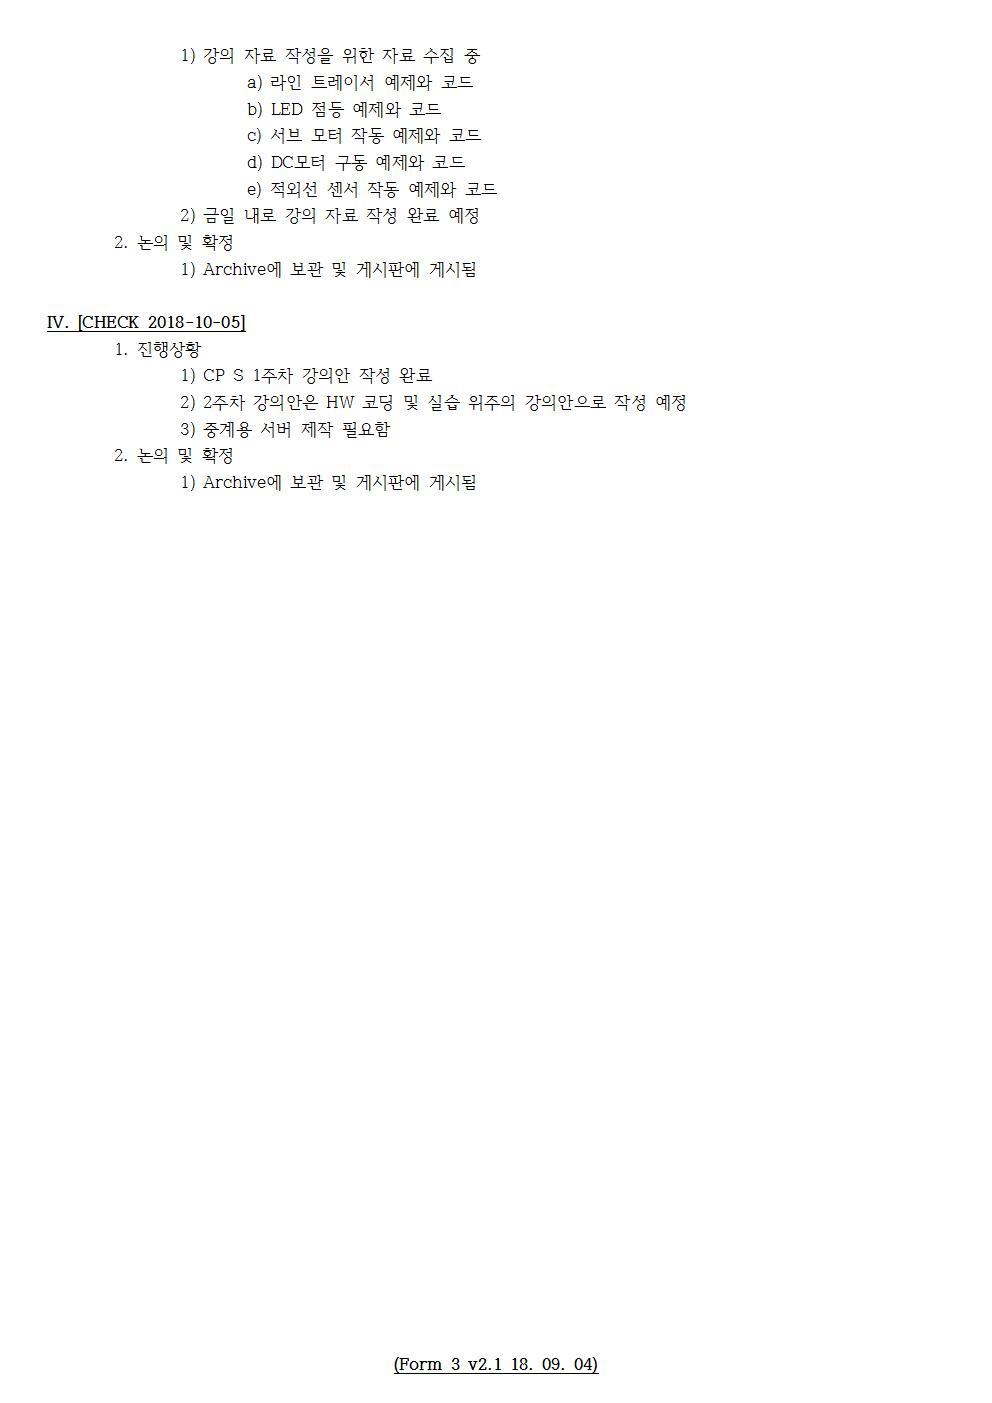 D-[18-048-LC-01]-[SE]-[2018-10-05][SH]002.jpg